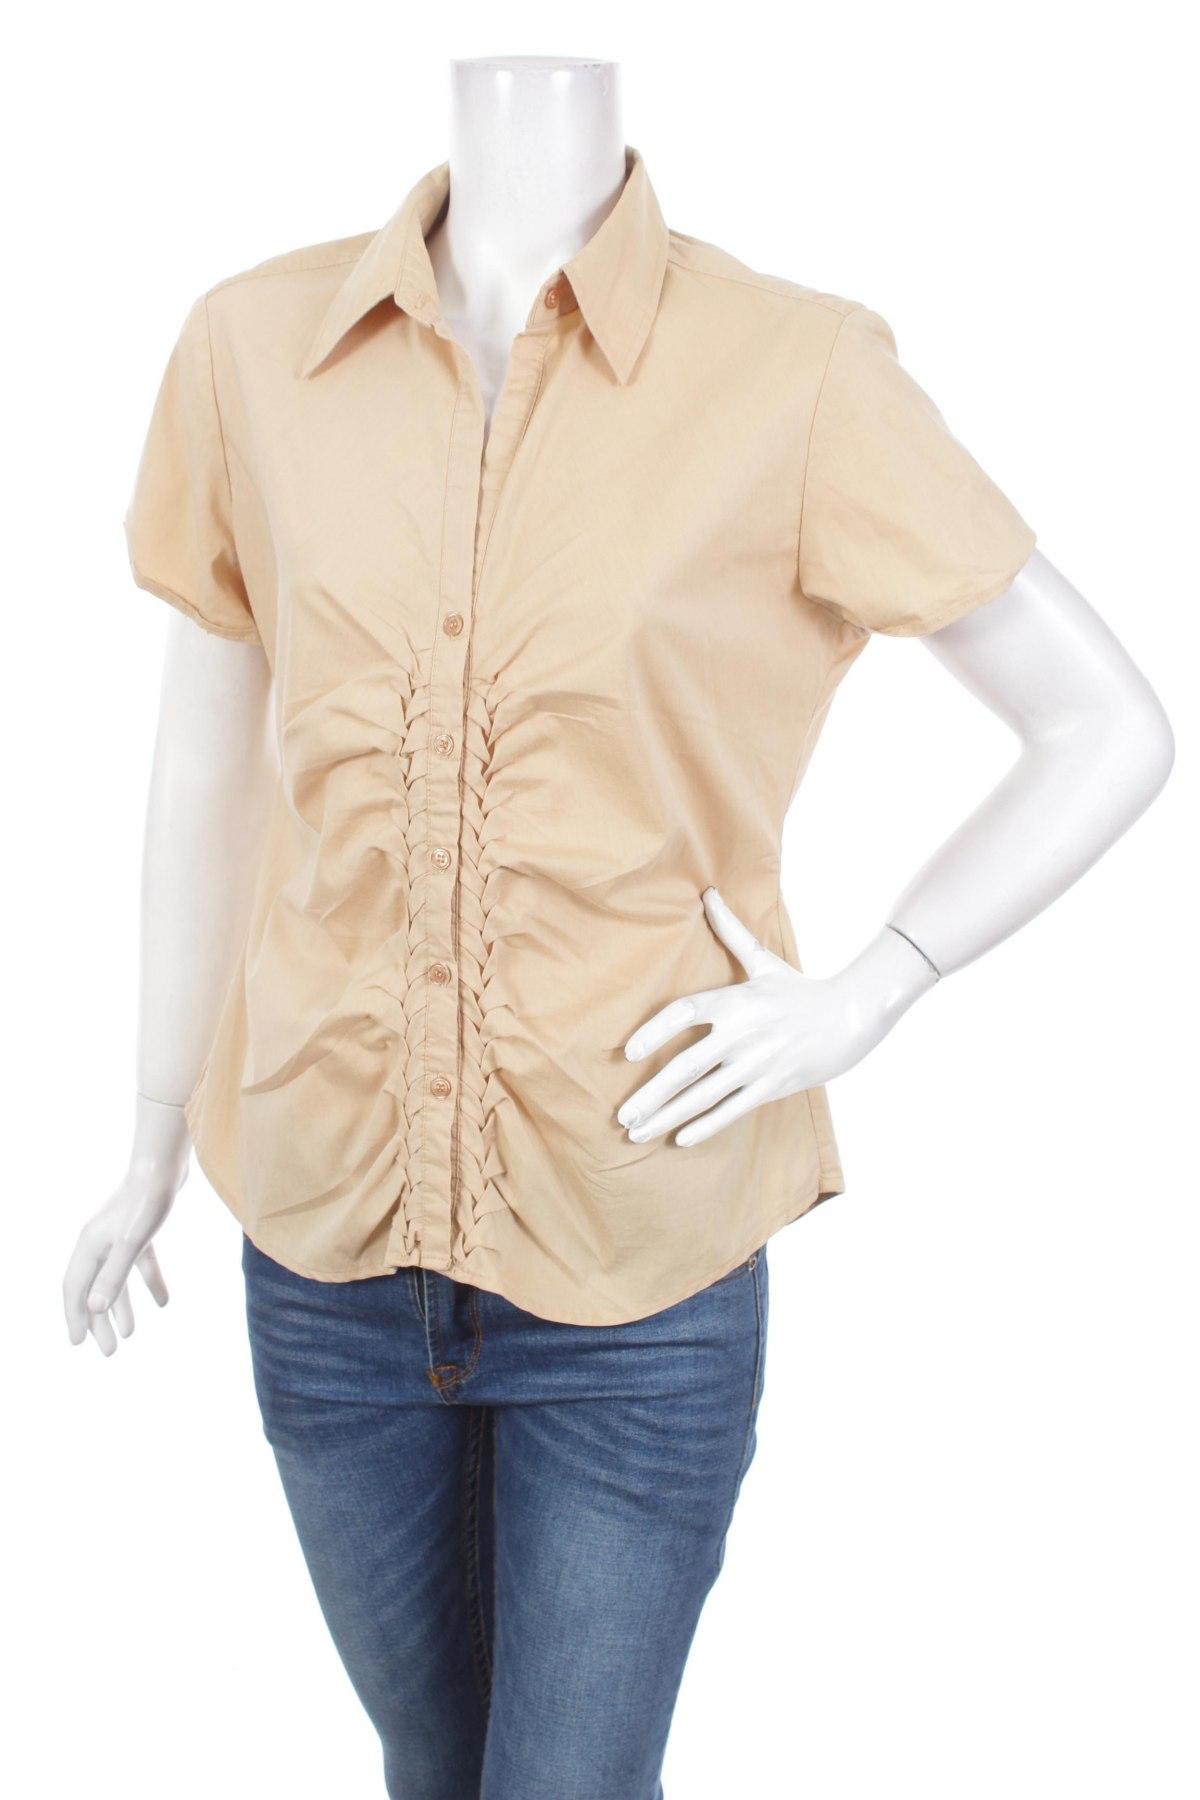 Γυναικείο πουκάμισο New York & Company, Μέγεθος L, Χρώμα Εκρού, 60% βαμβάκι, 35% πολυεστέρας, 5% ελαστάνη, Τιμή 11,13€